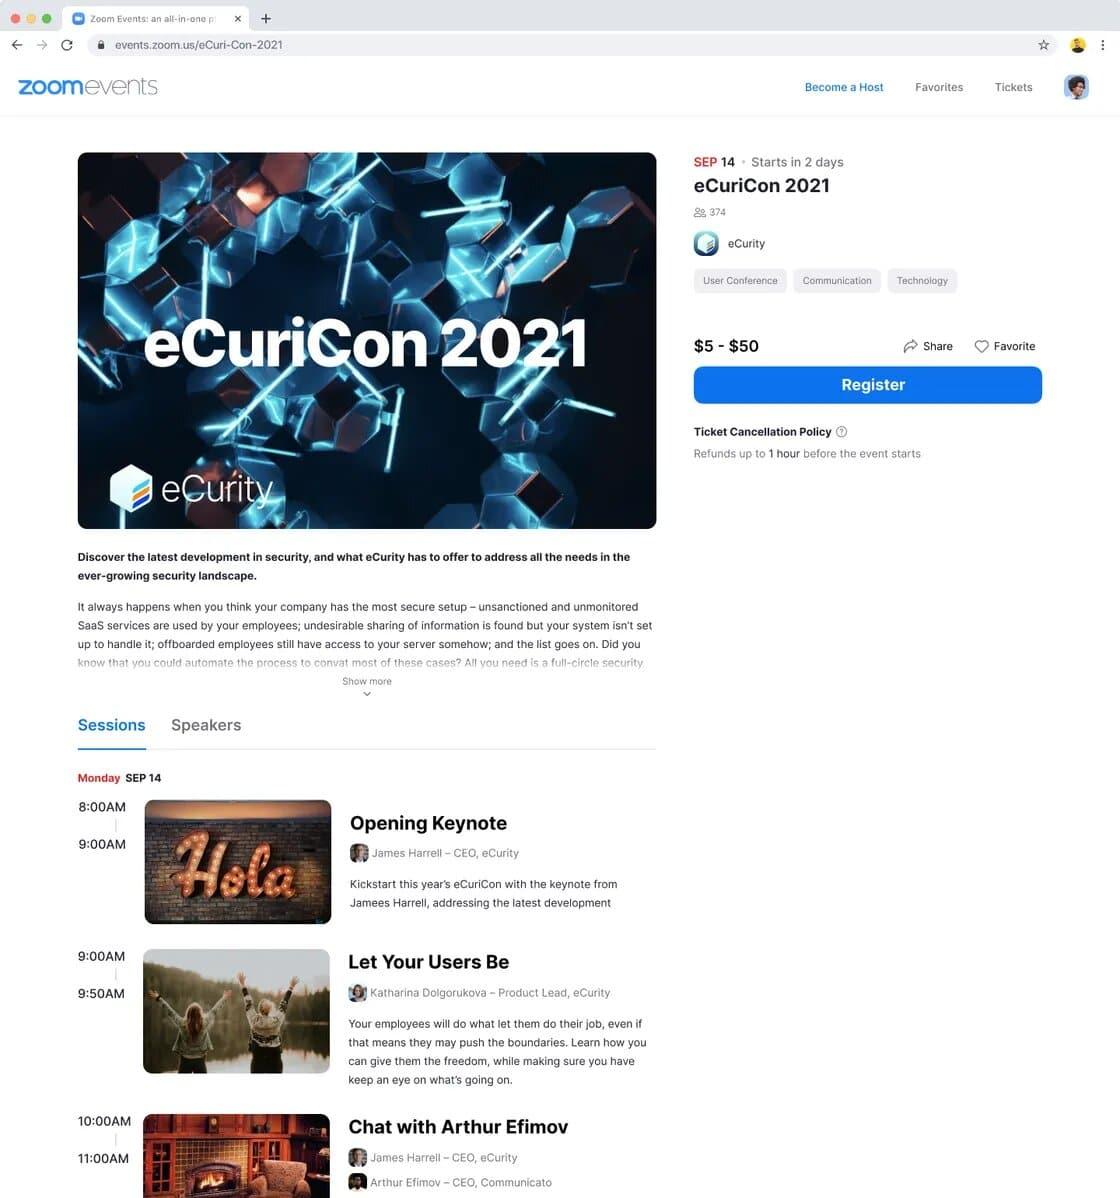 capture d'écran de zoom events et de la planification des événements